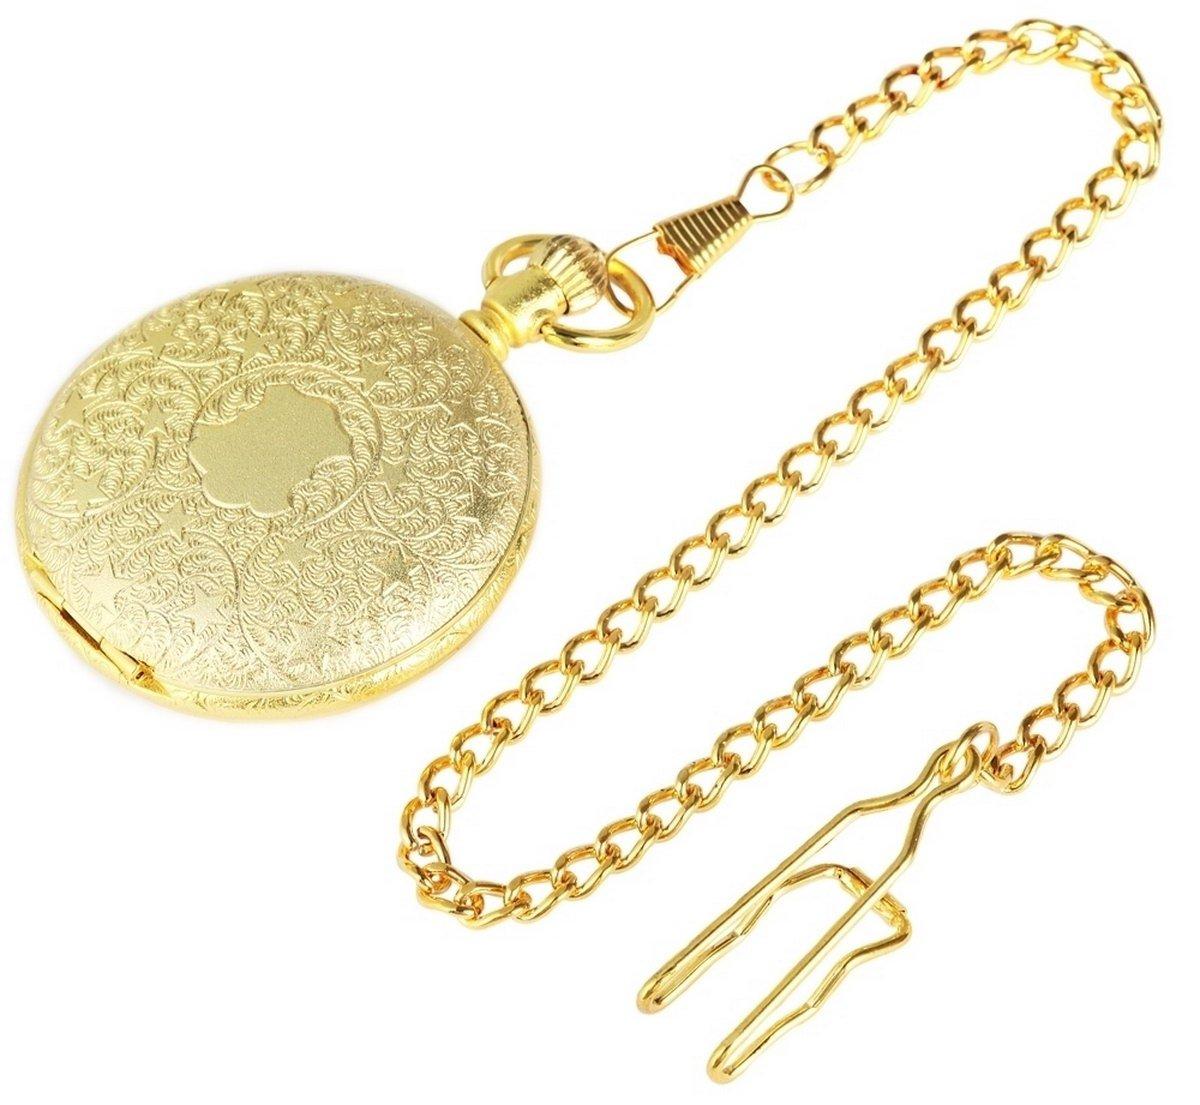 Excellanc-Analog-Taschenuhr-mit-Quarzwerk-480302000056-Goldfarbiges-Gehuse-im-Mae-55mm-x-14mm-mit-Ziffernblattfarbe-Gelb-und-Mineralglas